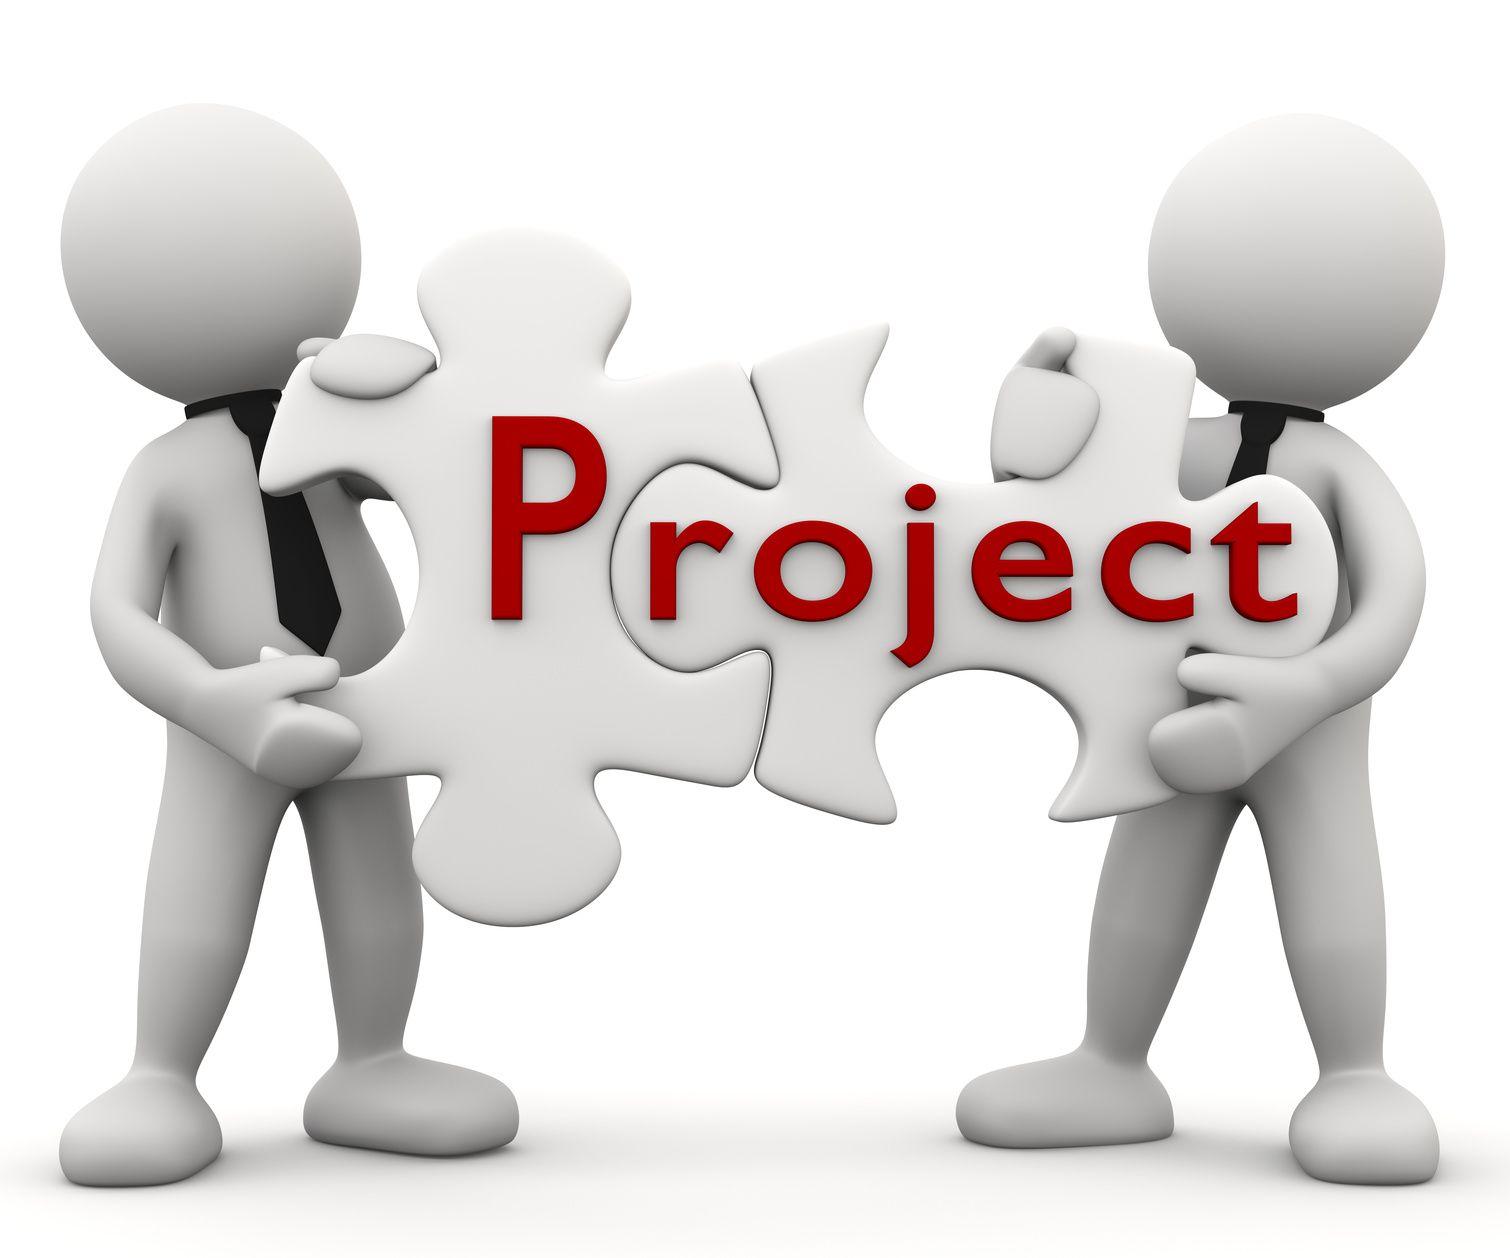 Projektmanagement und MindMap | 3D PEOPLE | Gente blanca ...